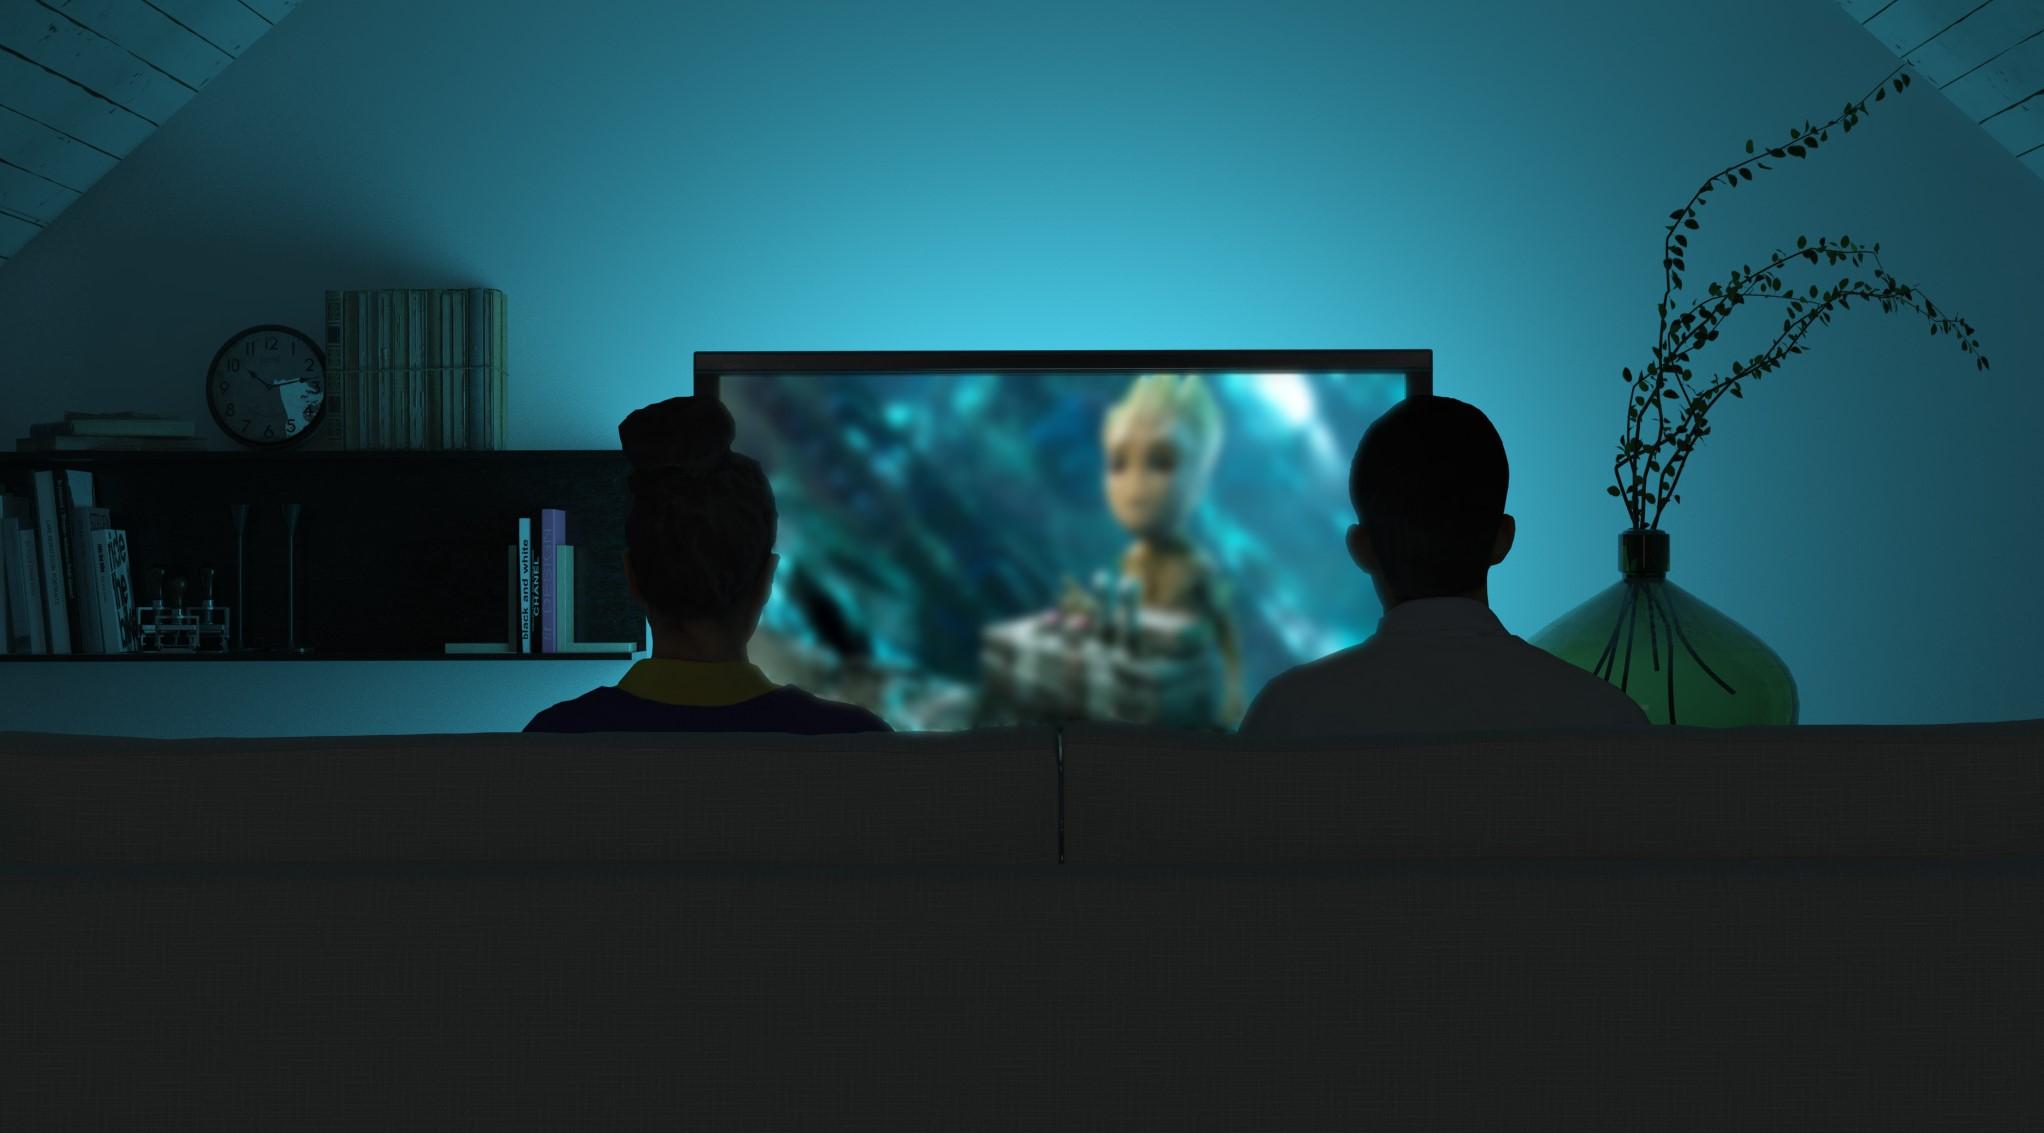 come si collega il suono surround a un proiettore un incontro deiSovrappeso appuntamenti anonimi online